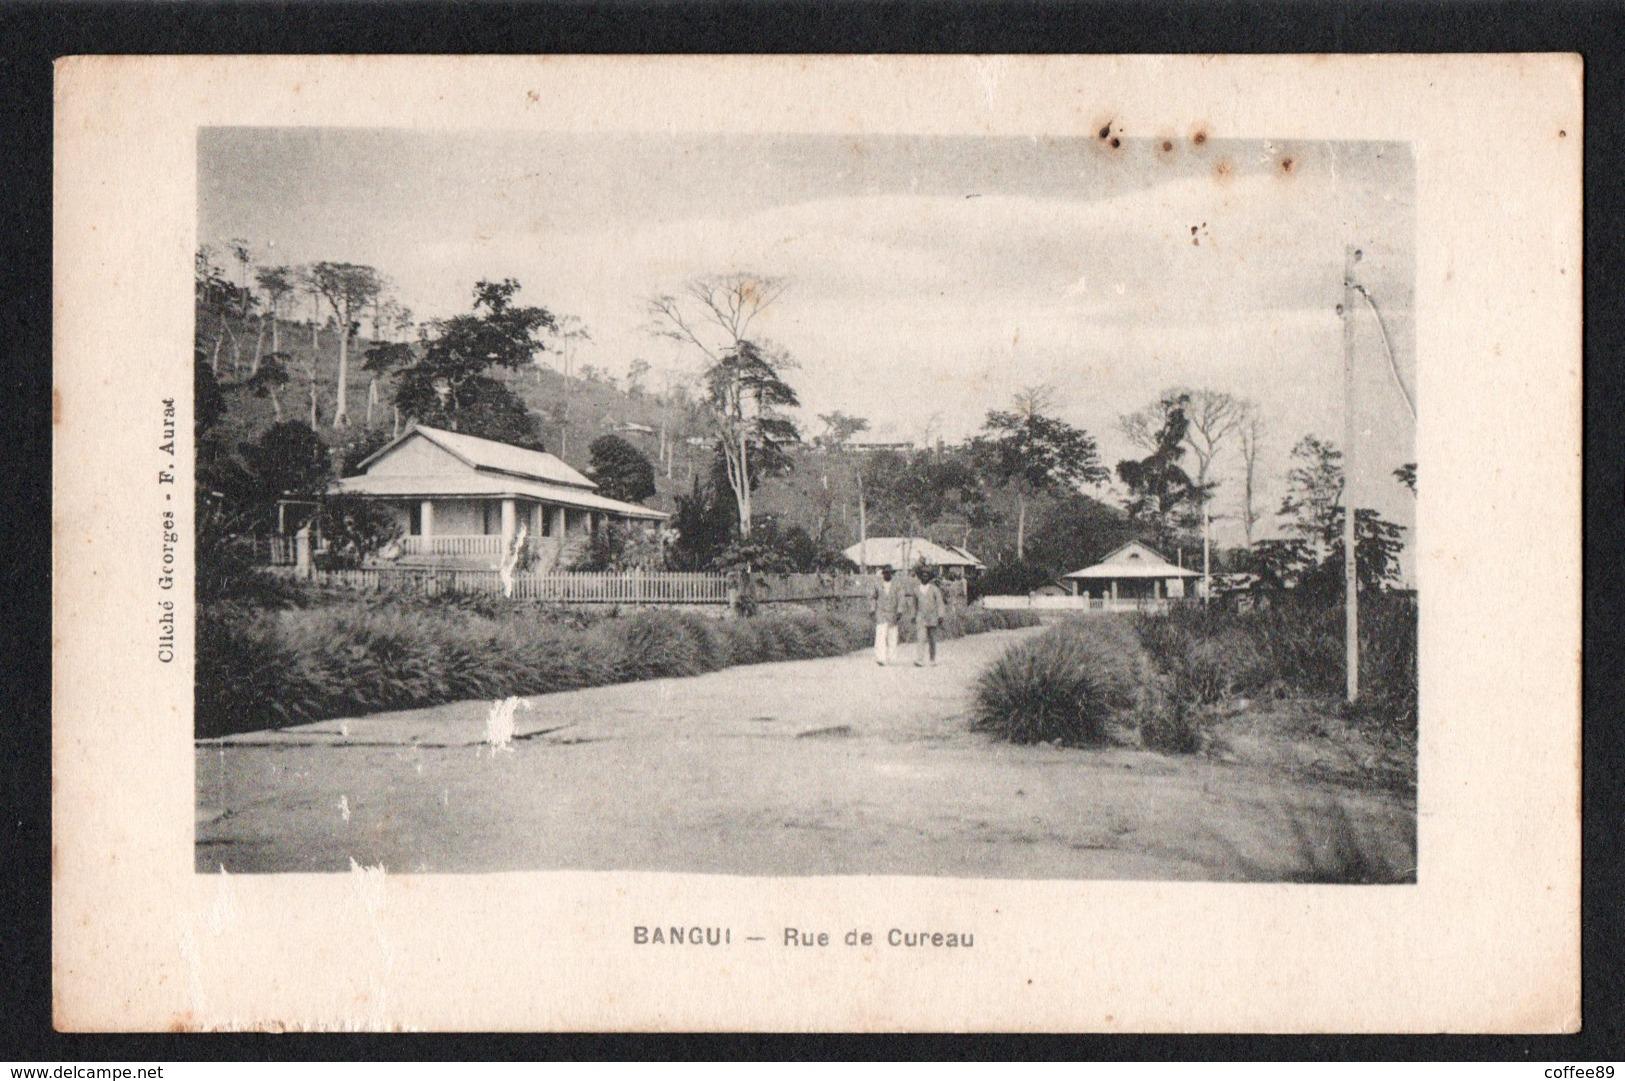 CENTRAFRIQUE - BANGUI - Rue De Cureau - Cliché Georges F. Aurat - Centrafricaine (République)